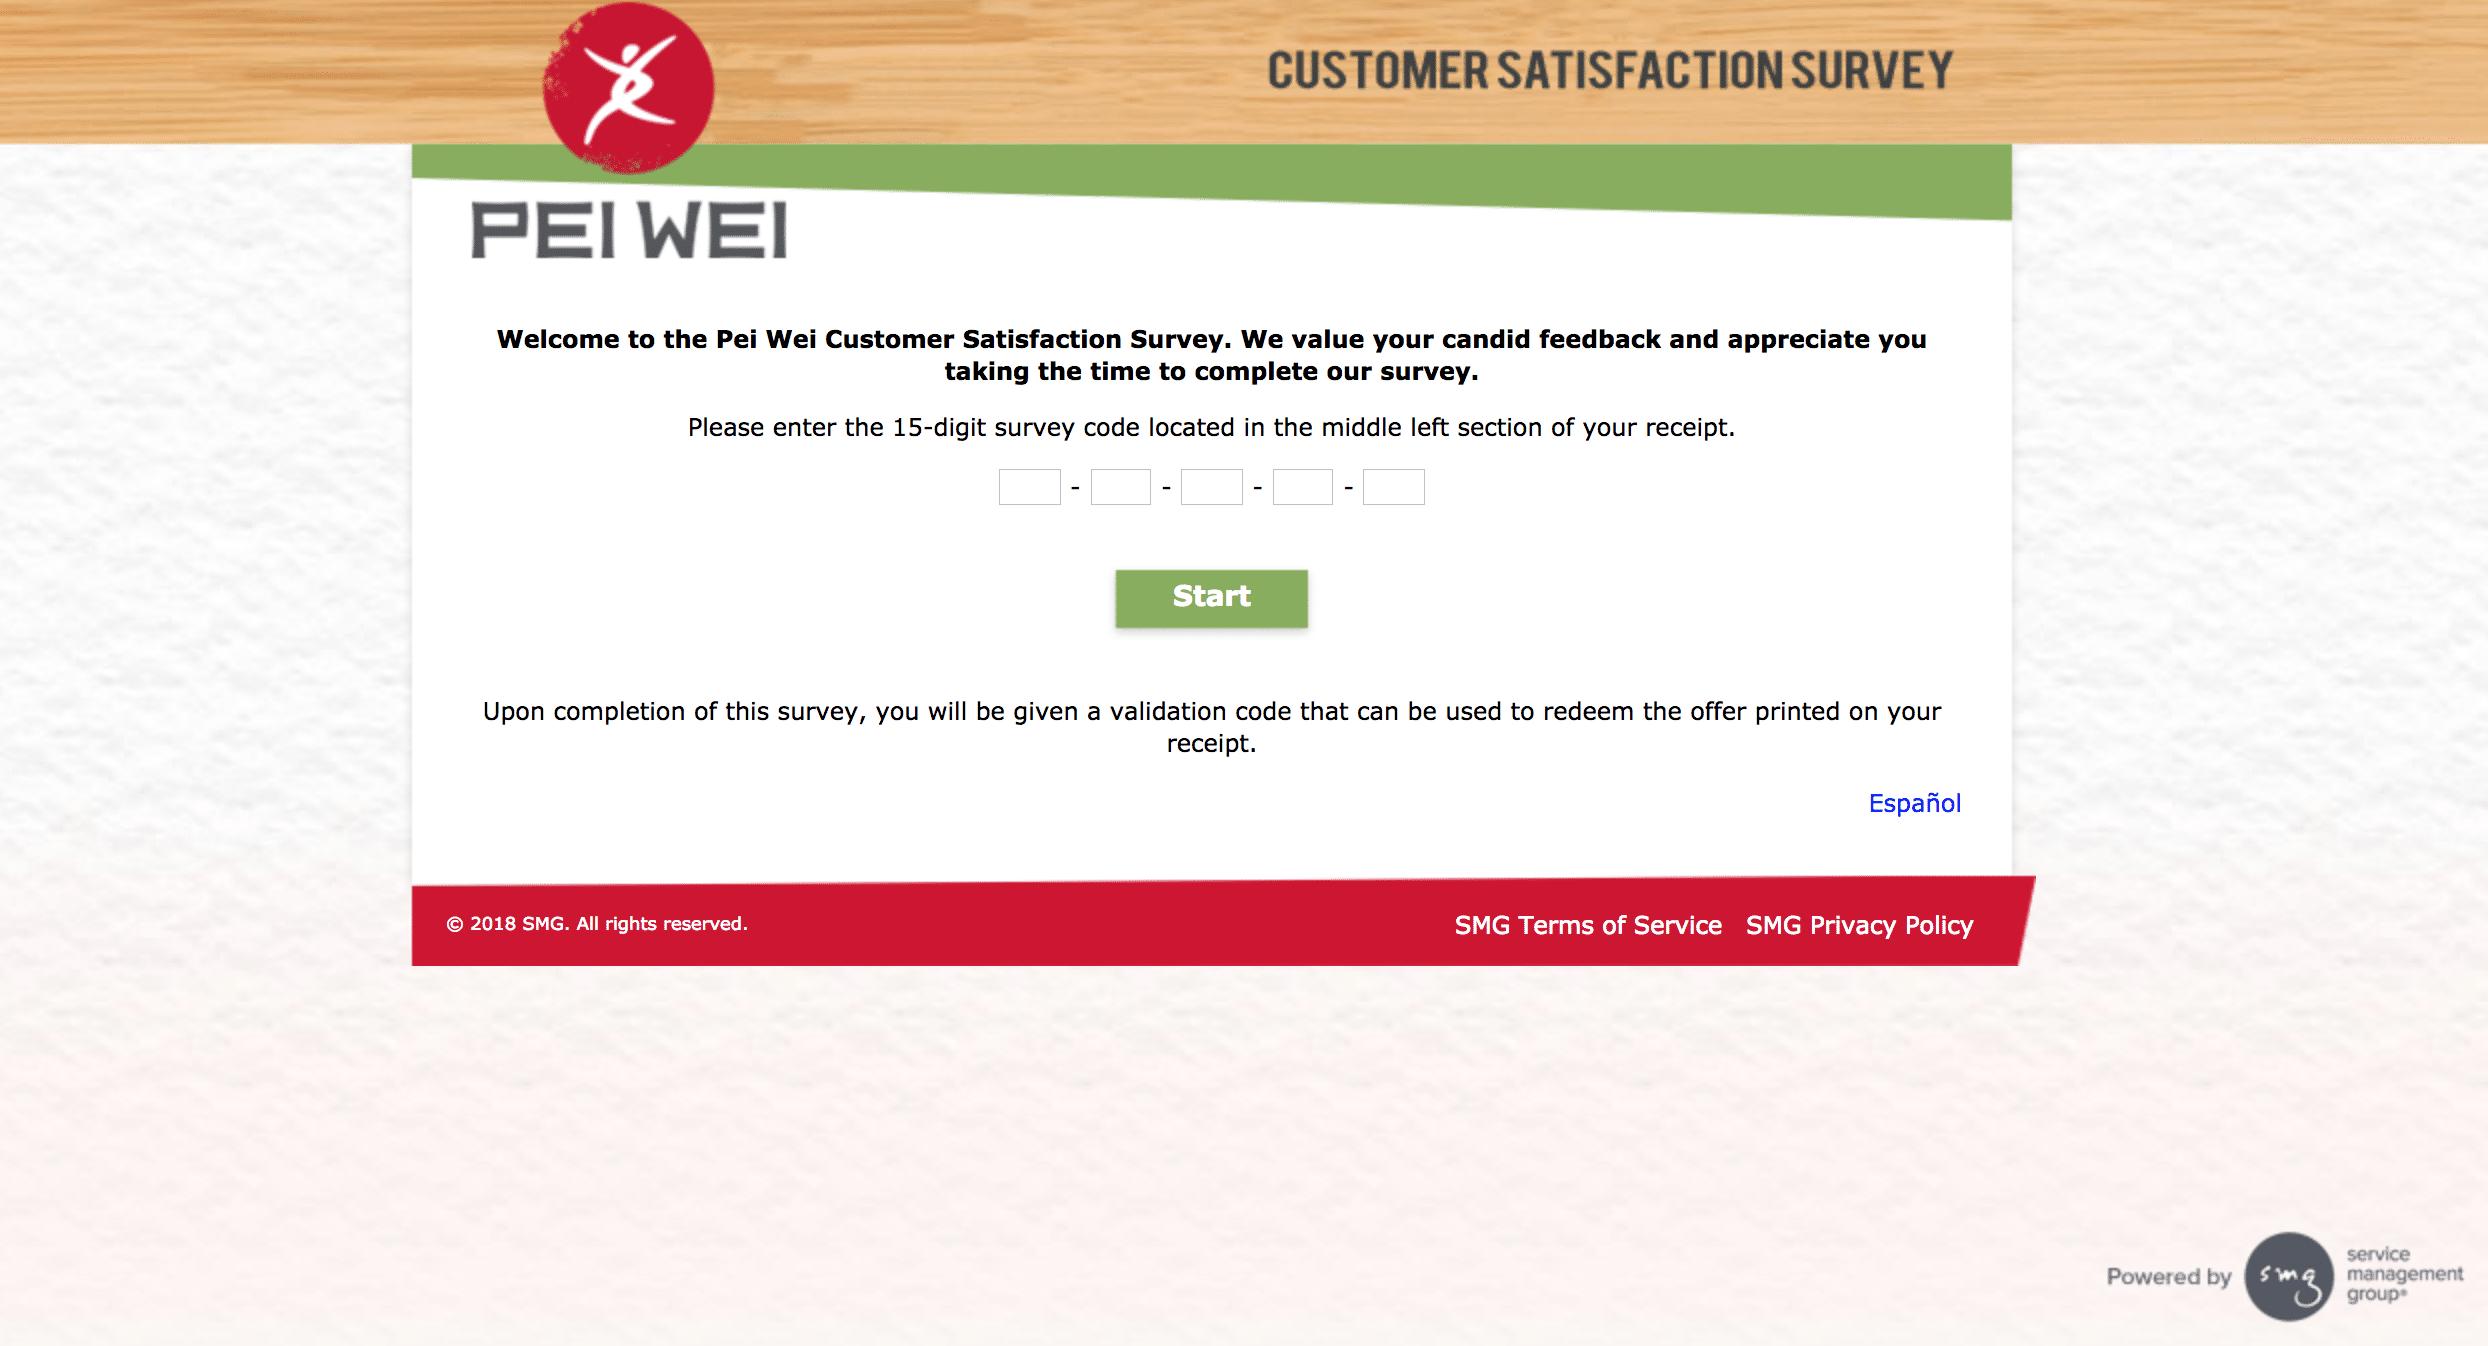 www.peiweifeedback.com